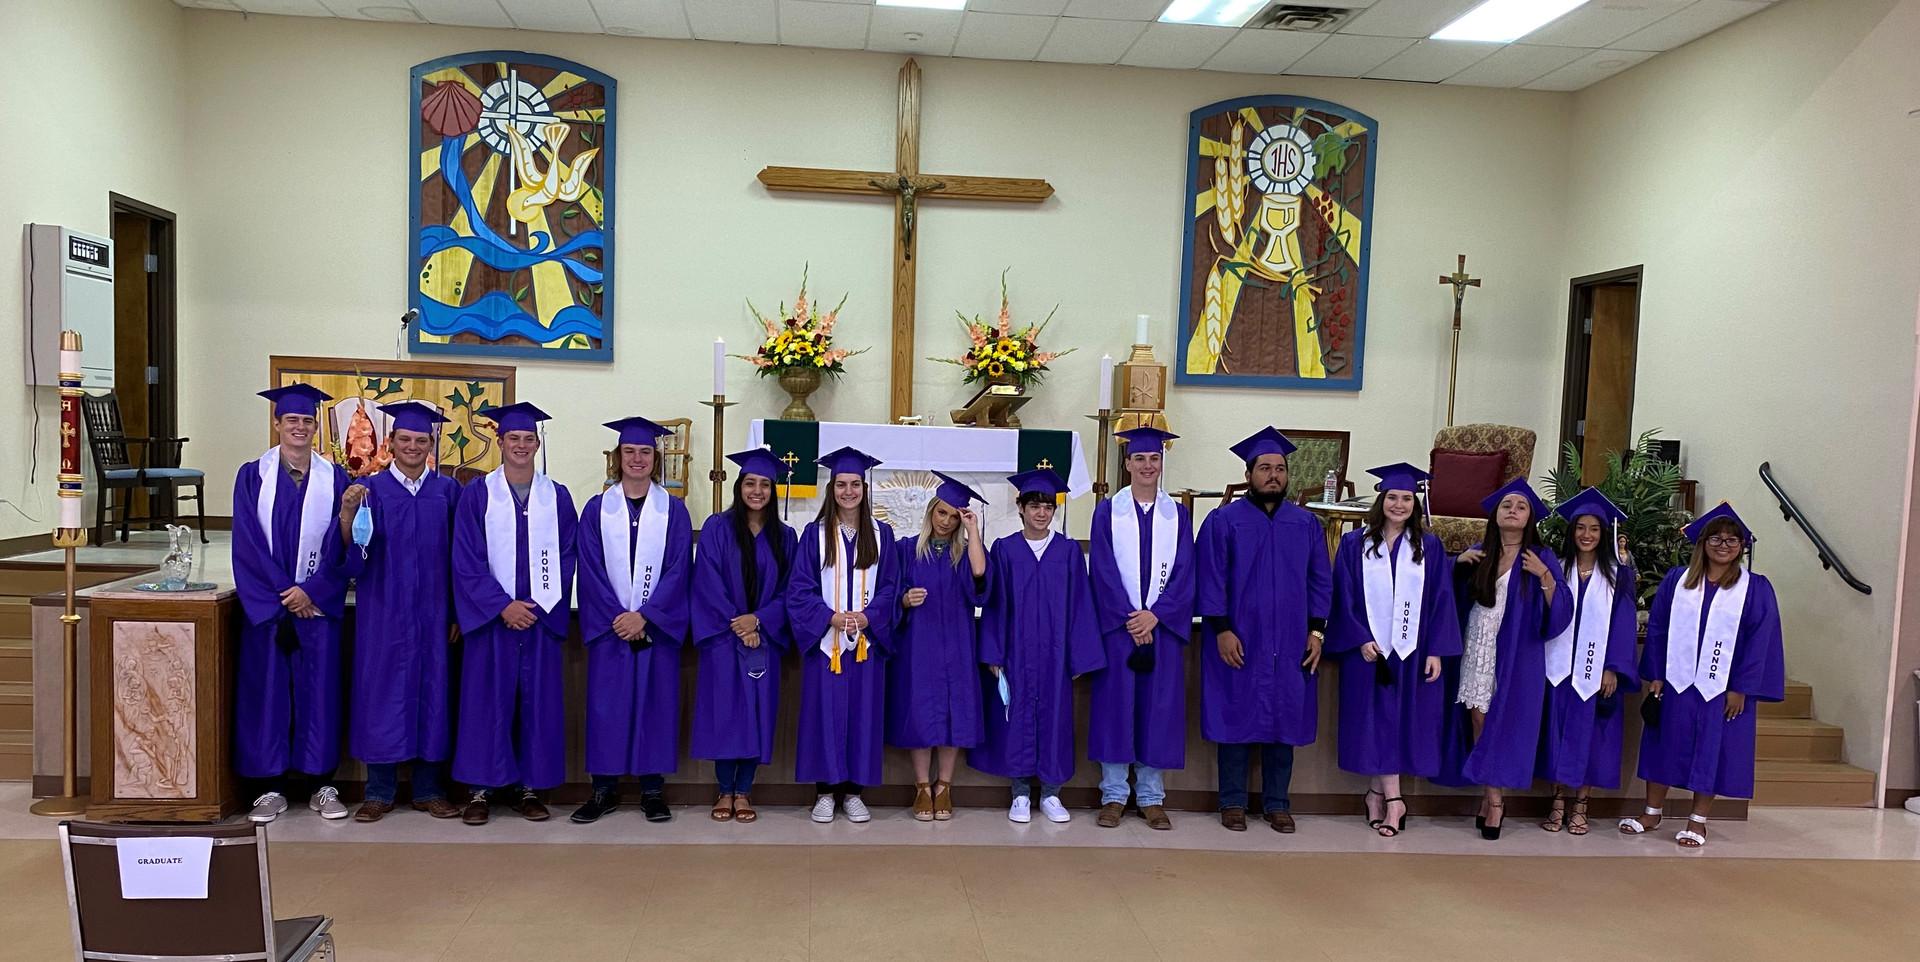 2020 graduates no mask.jpg